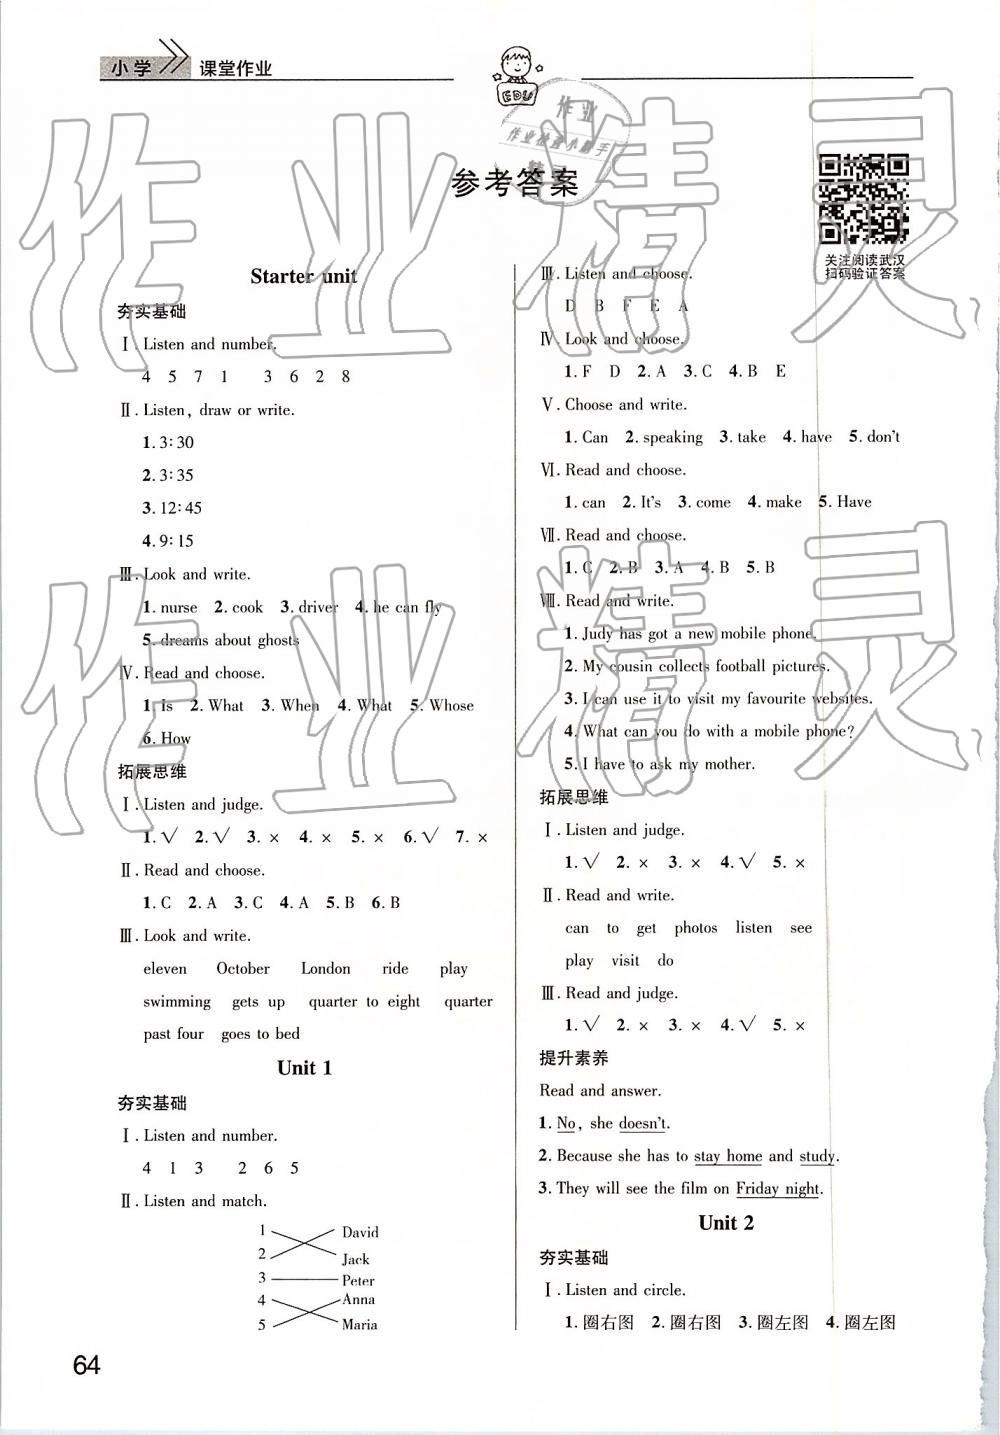 2019年智慧学习天天向上课堂作业五年级英语下册剑桥版第1页